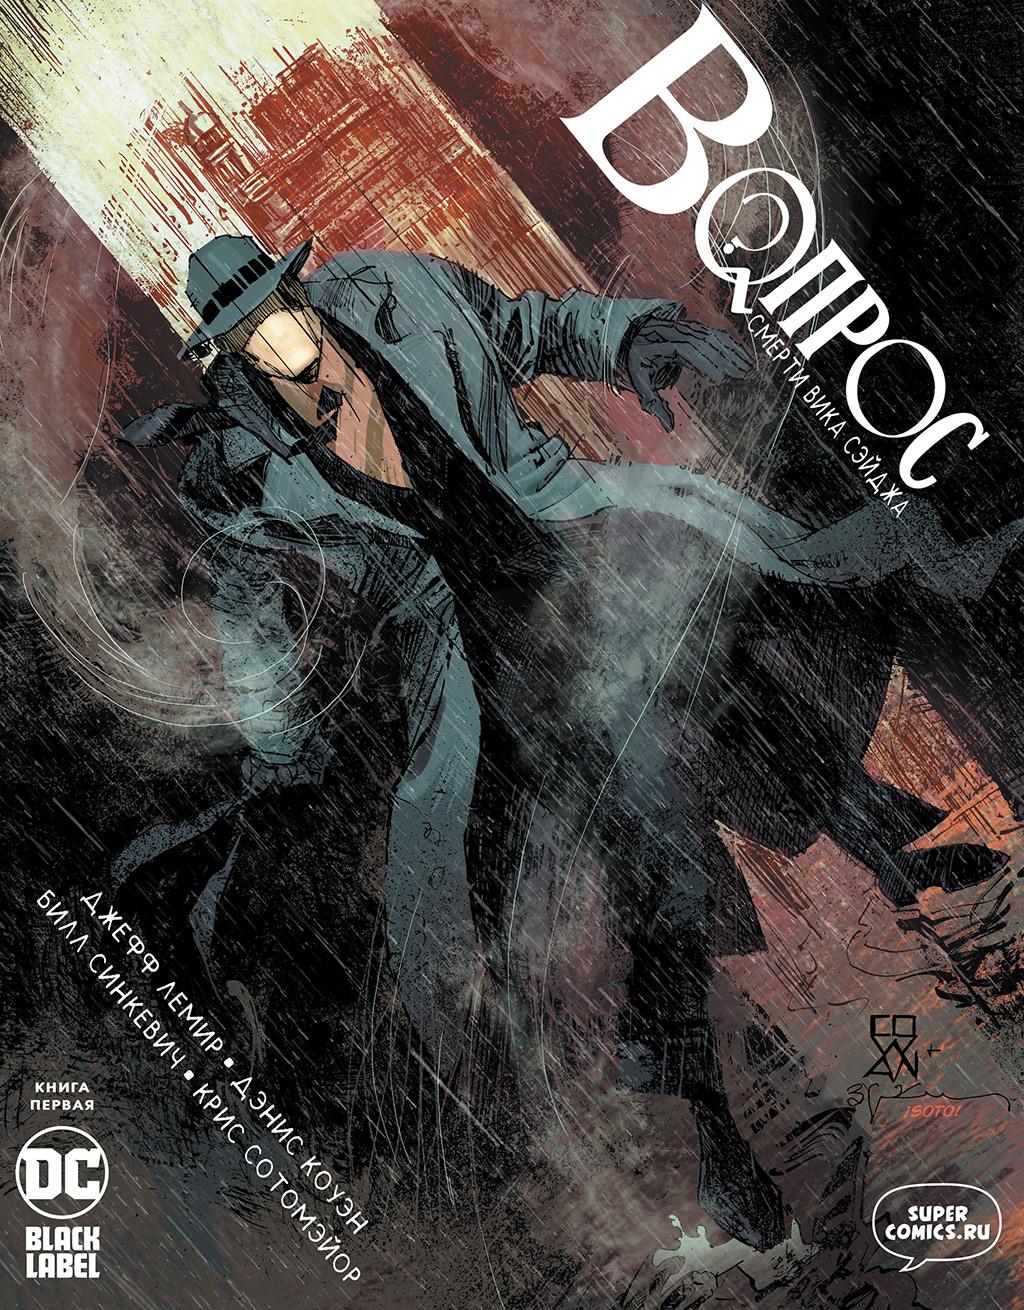 Комикс Вопрос - Смерть Вика Сэйджа